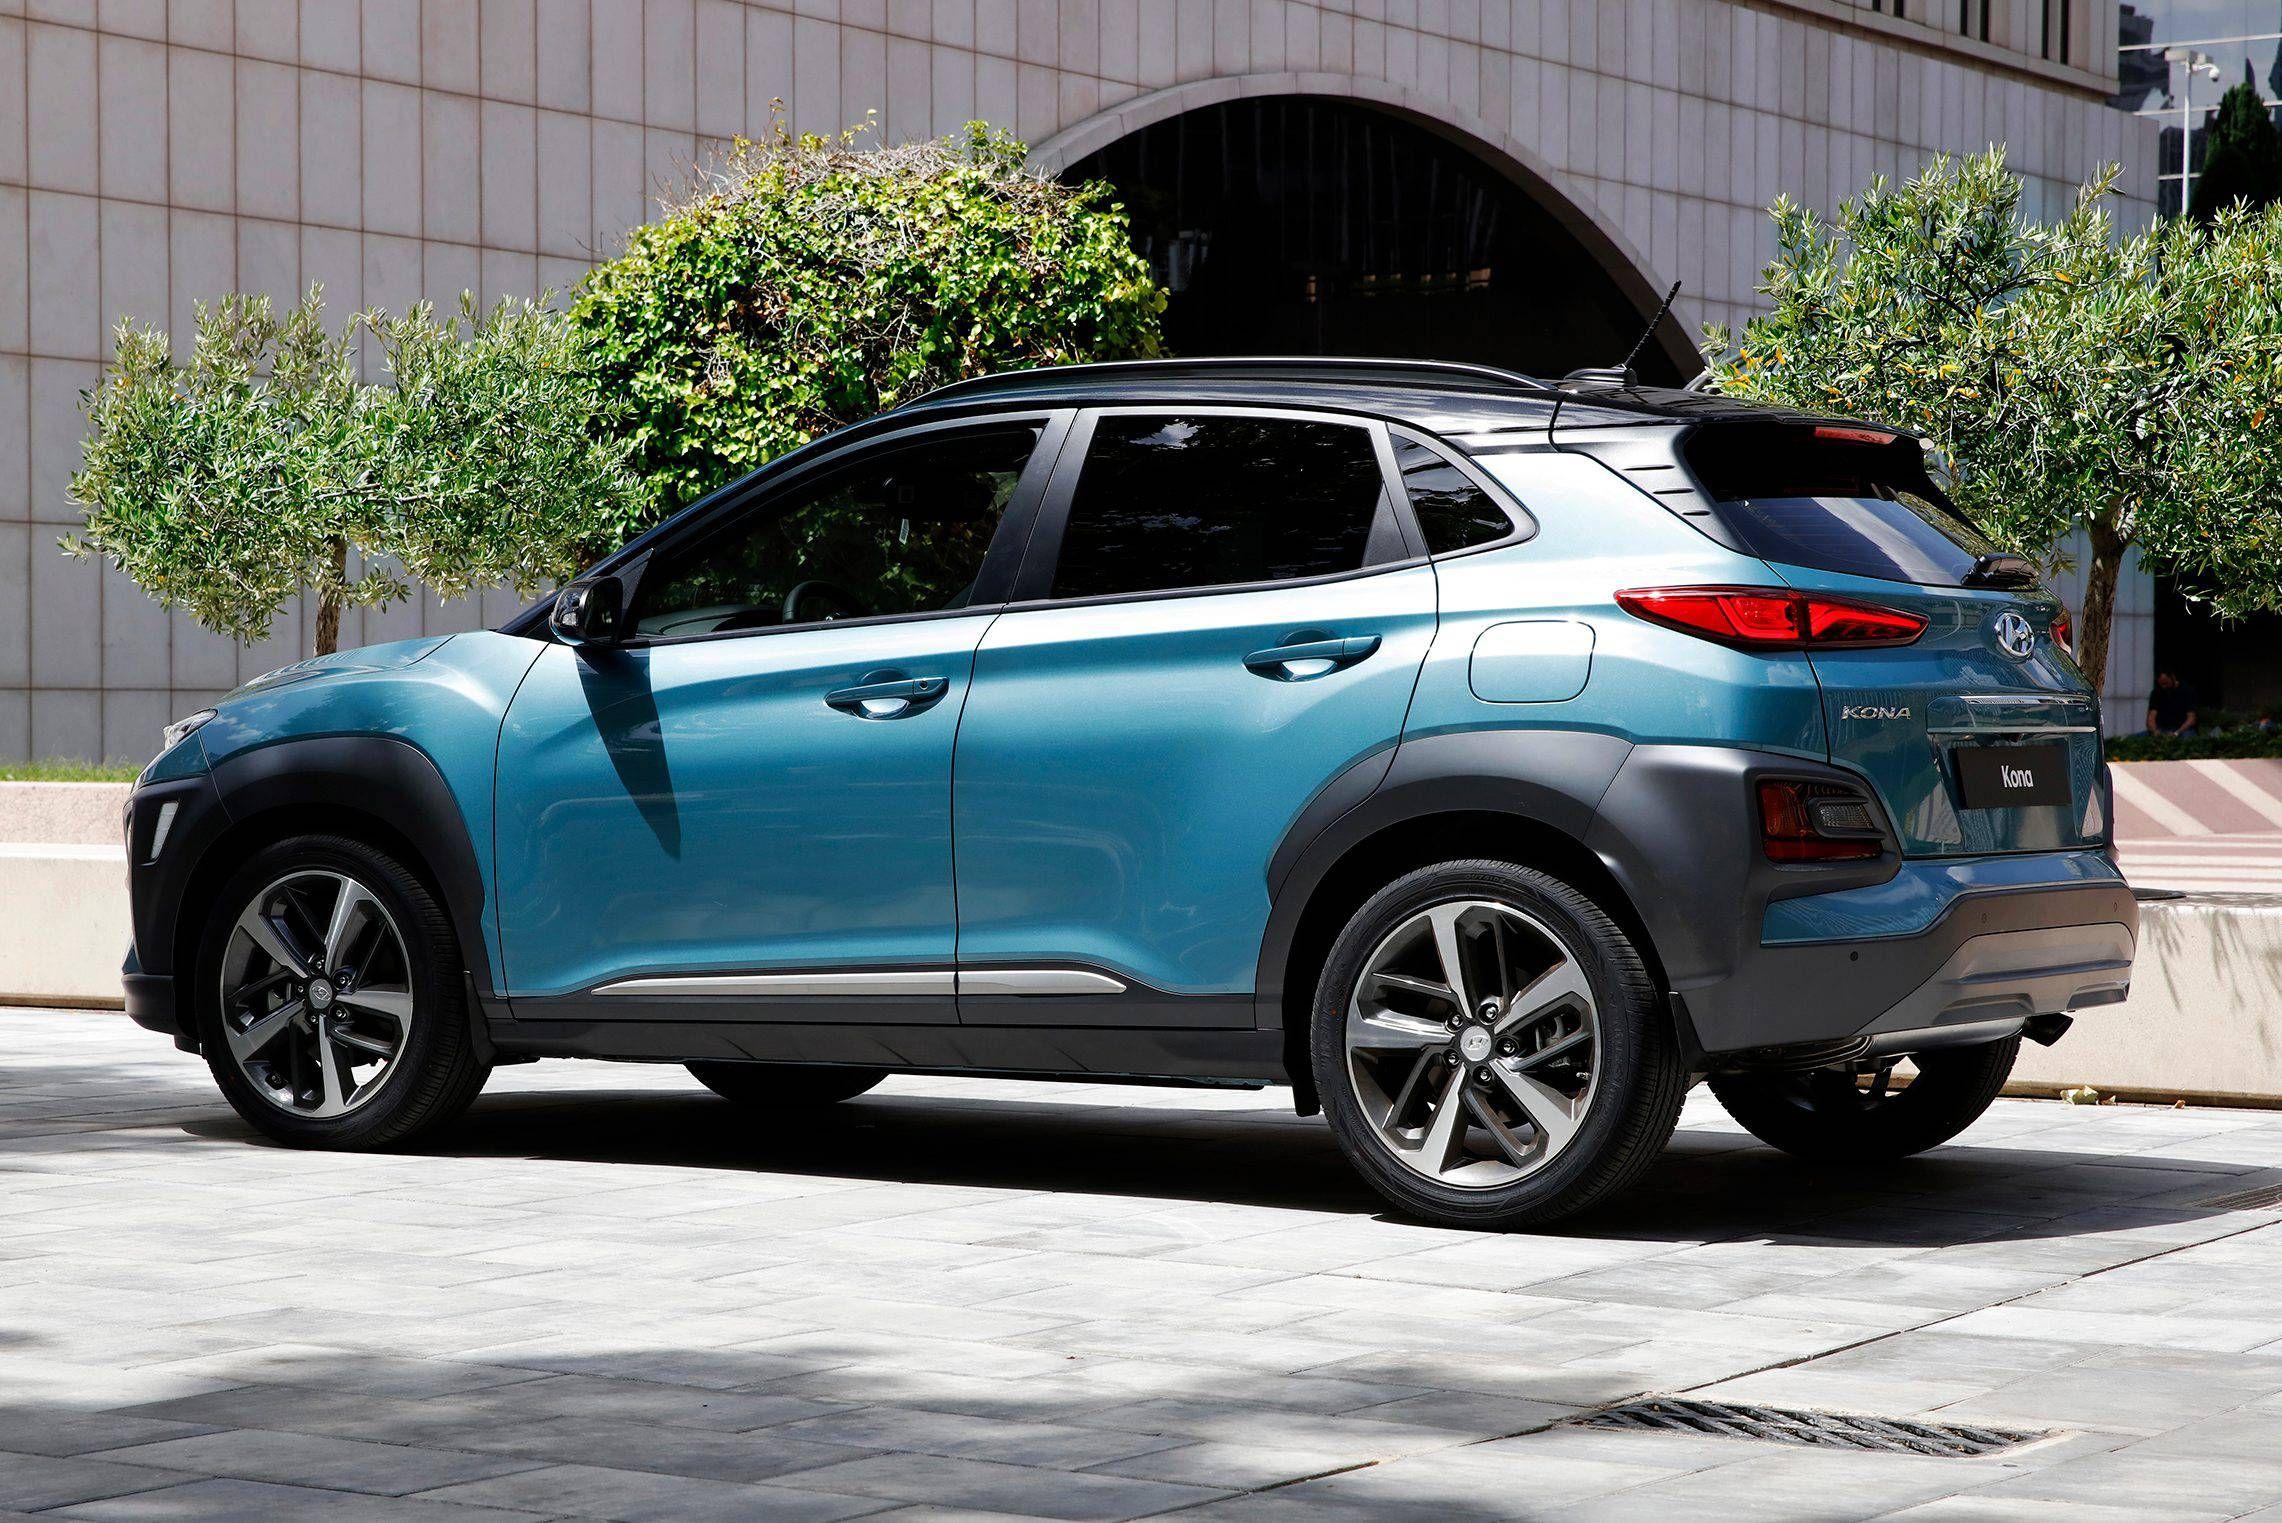 Hyundai Kona Revela A Nova Face Dos Suvs Da Marca Quatro Rodas Crossover Modelos Motos